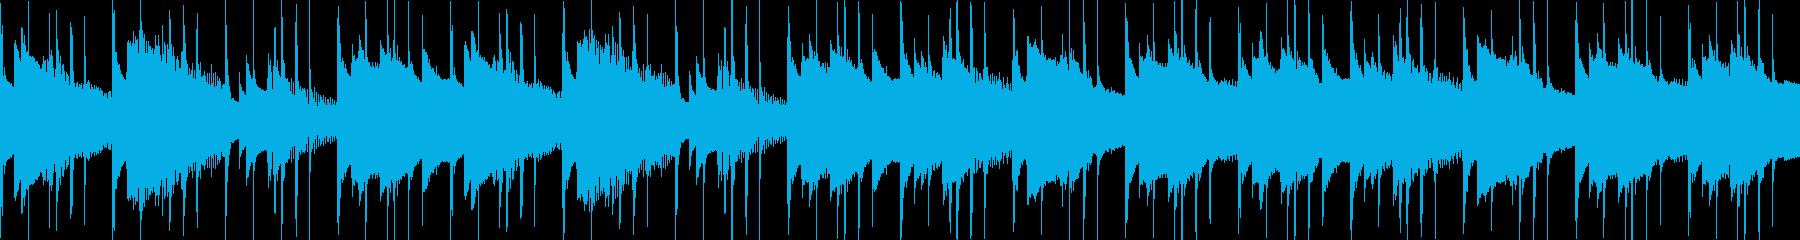 汎用BGM/穏やか(LOOP対応)の再生済みの波形